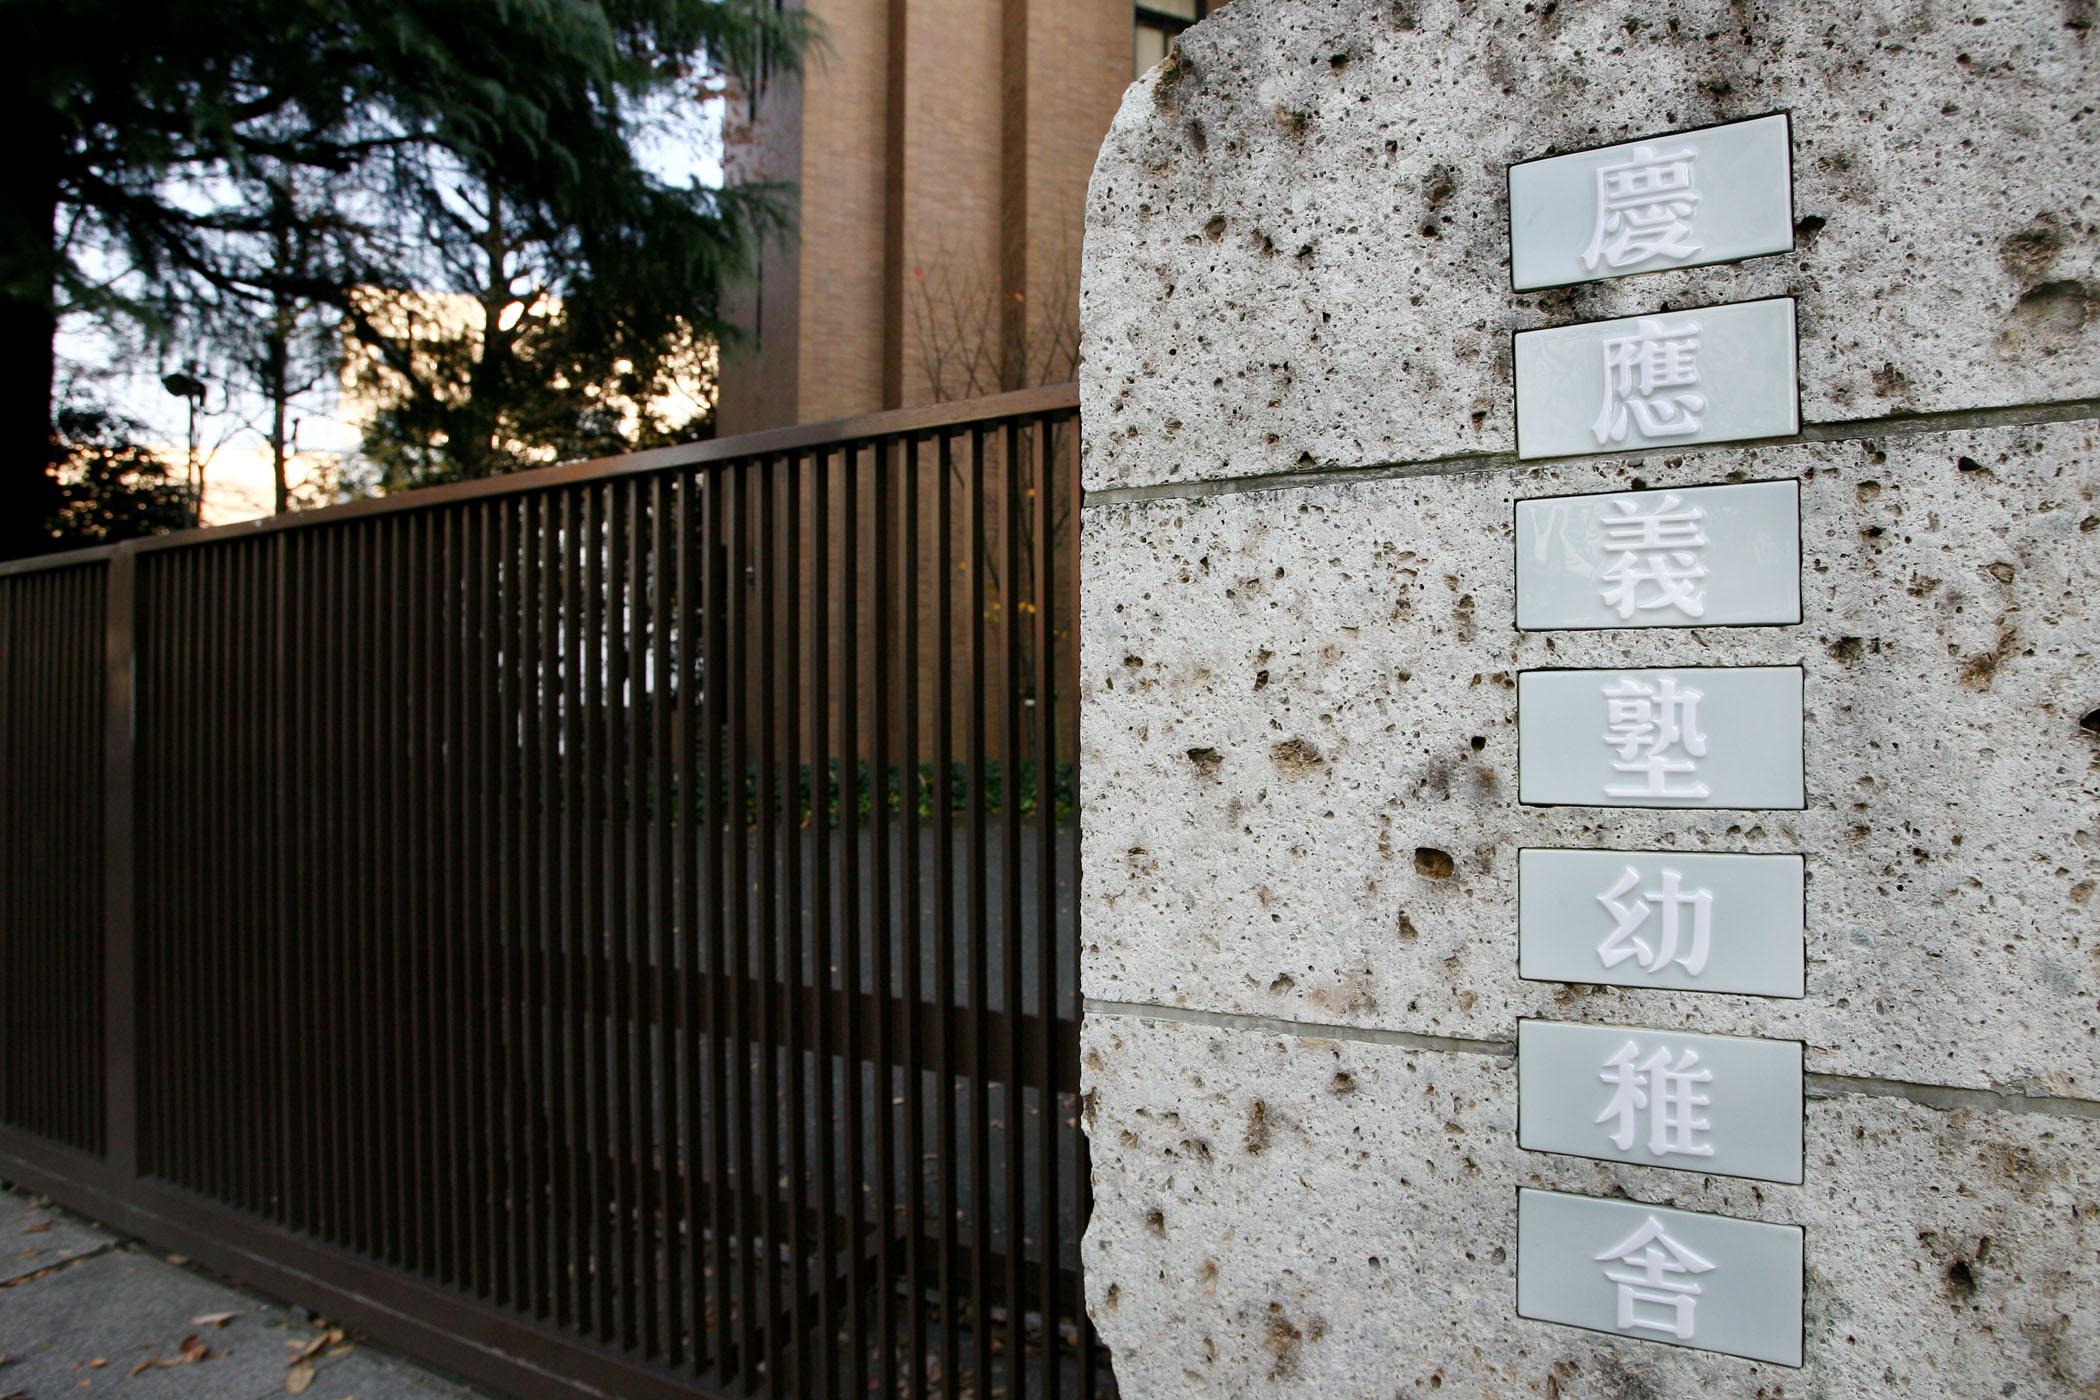 ハイスぺ男子の代名詞「慶應義塾幼稚舎」(C)コクハク